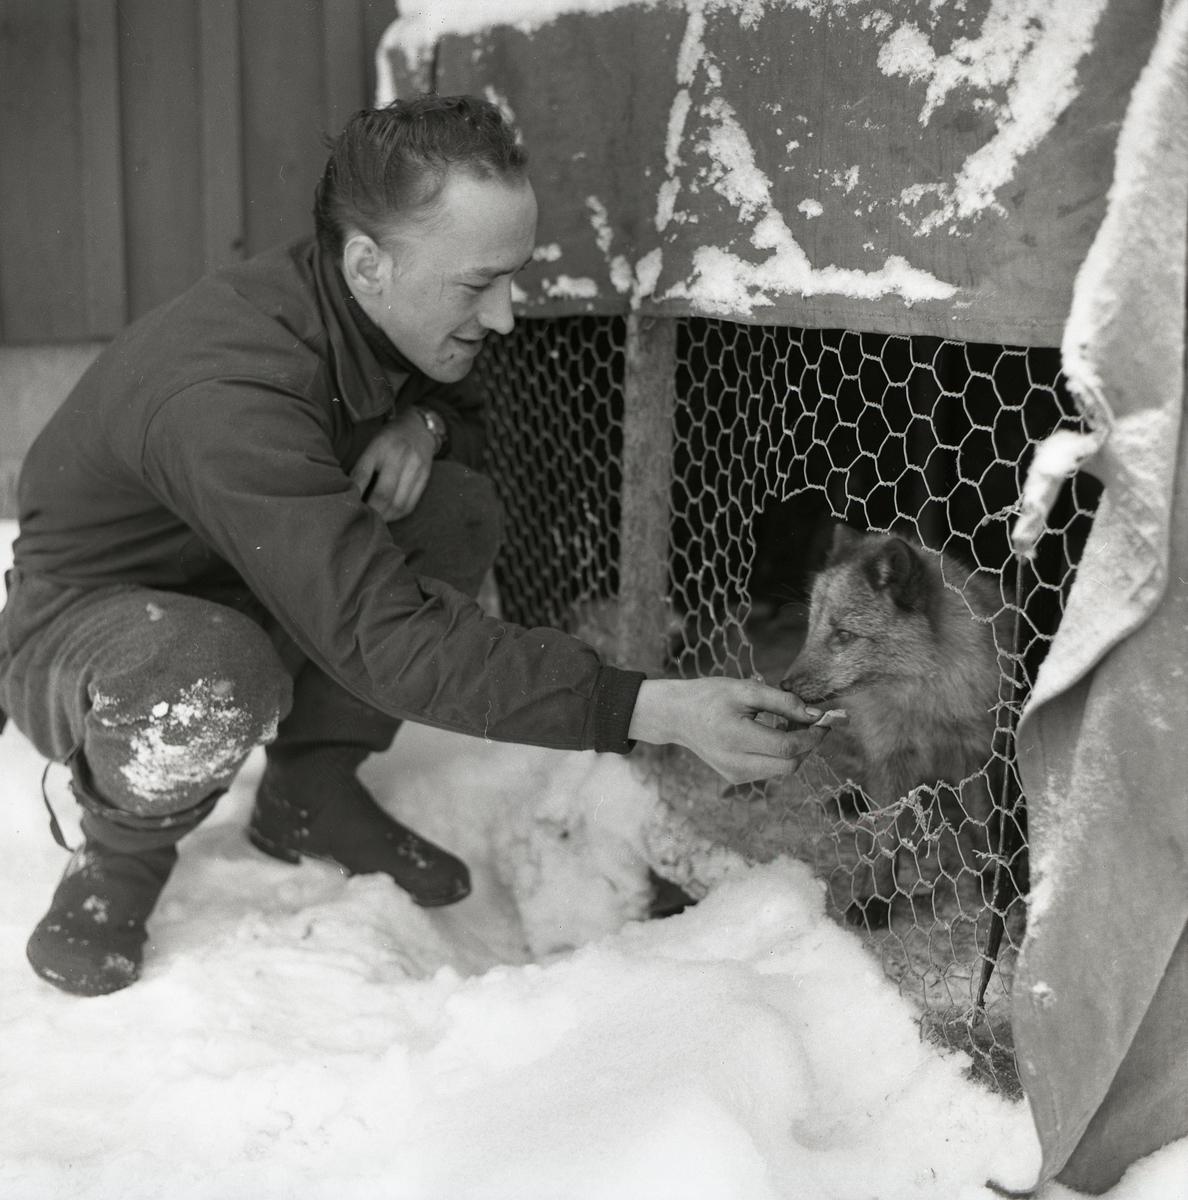 En man matar en fjällräv i Krokberg, 5 december 1959.